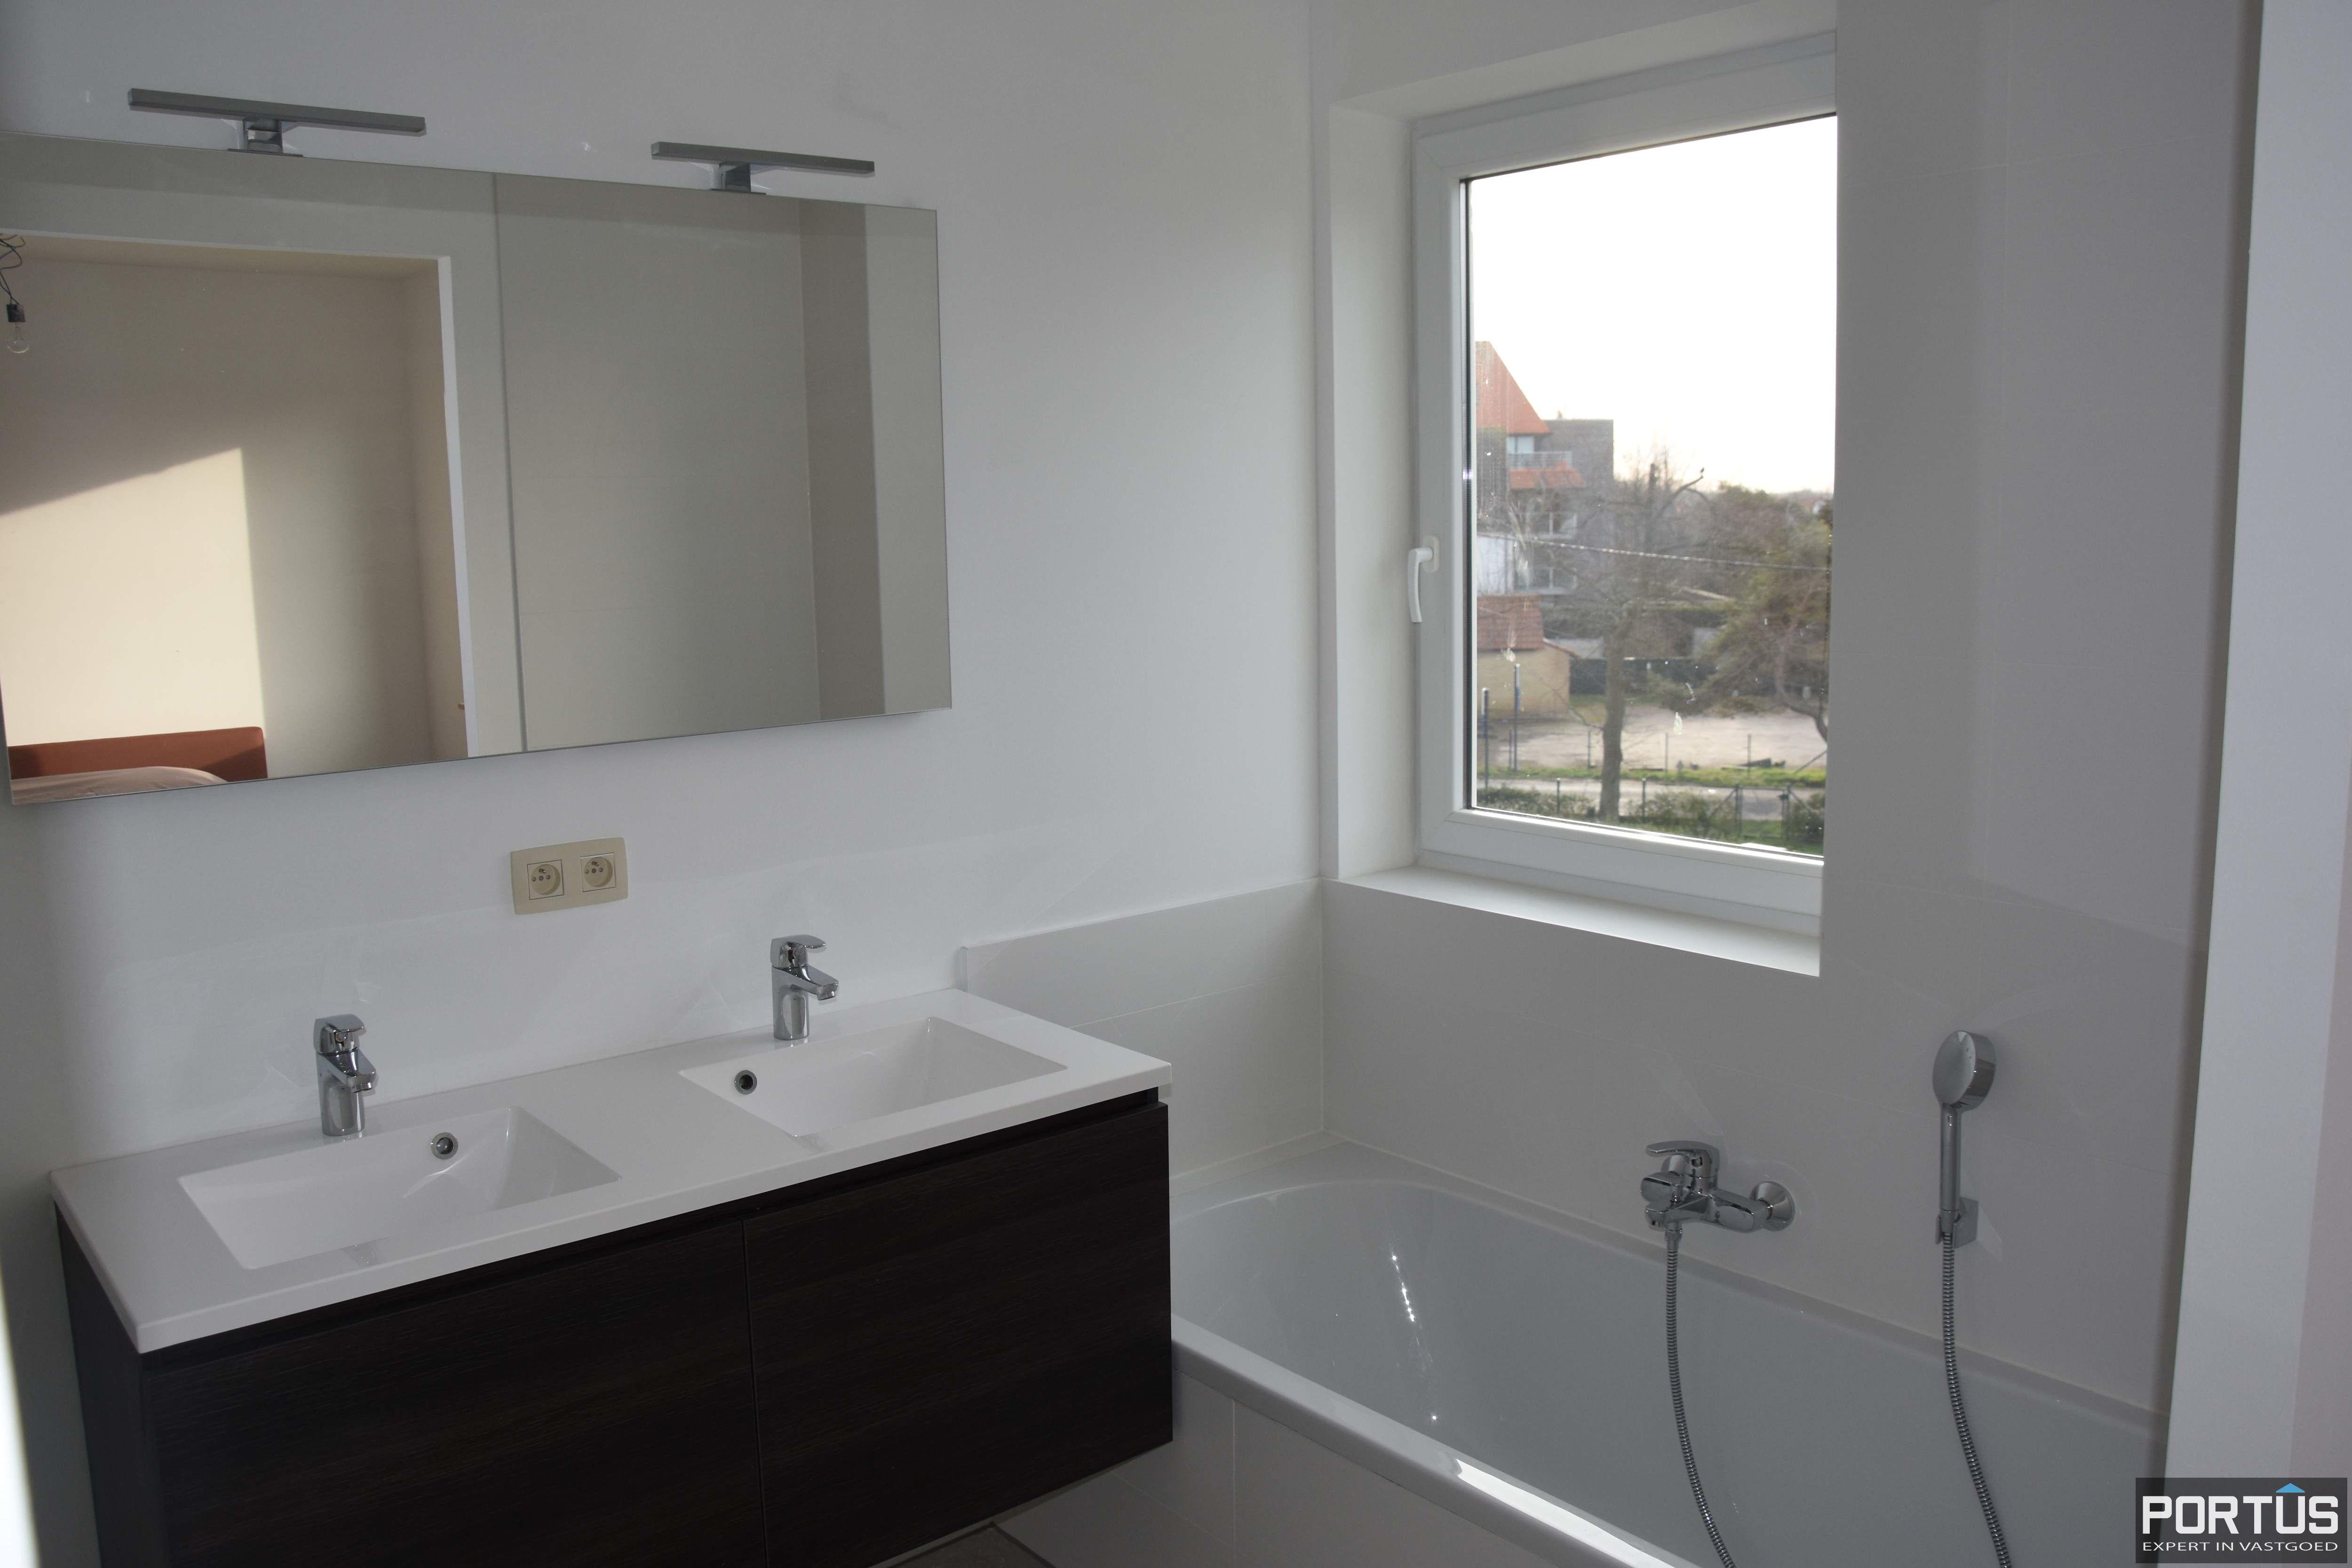 Appartement Residentie Villa Crombez Nieuwpoort - 12185